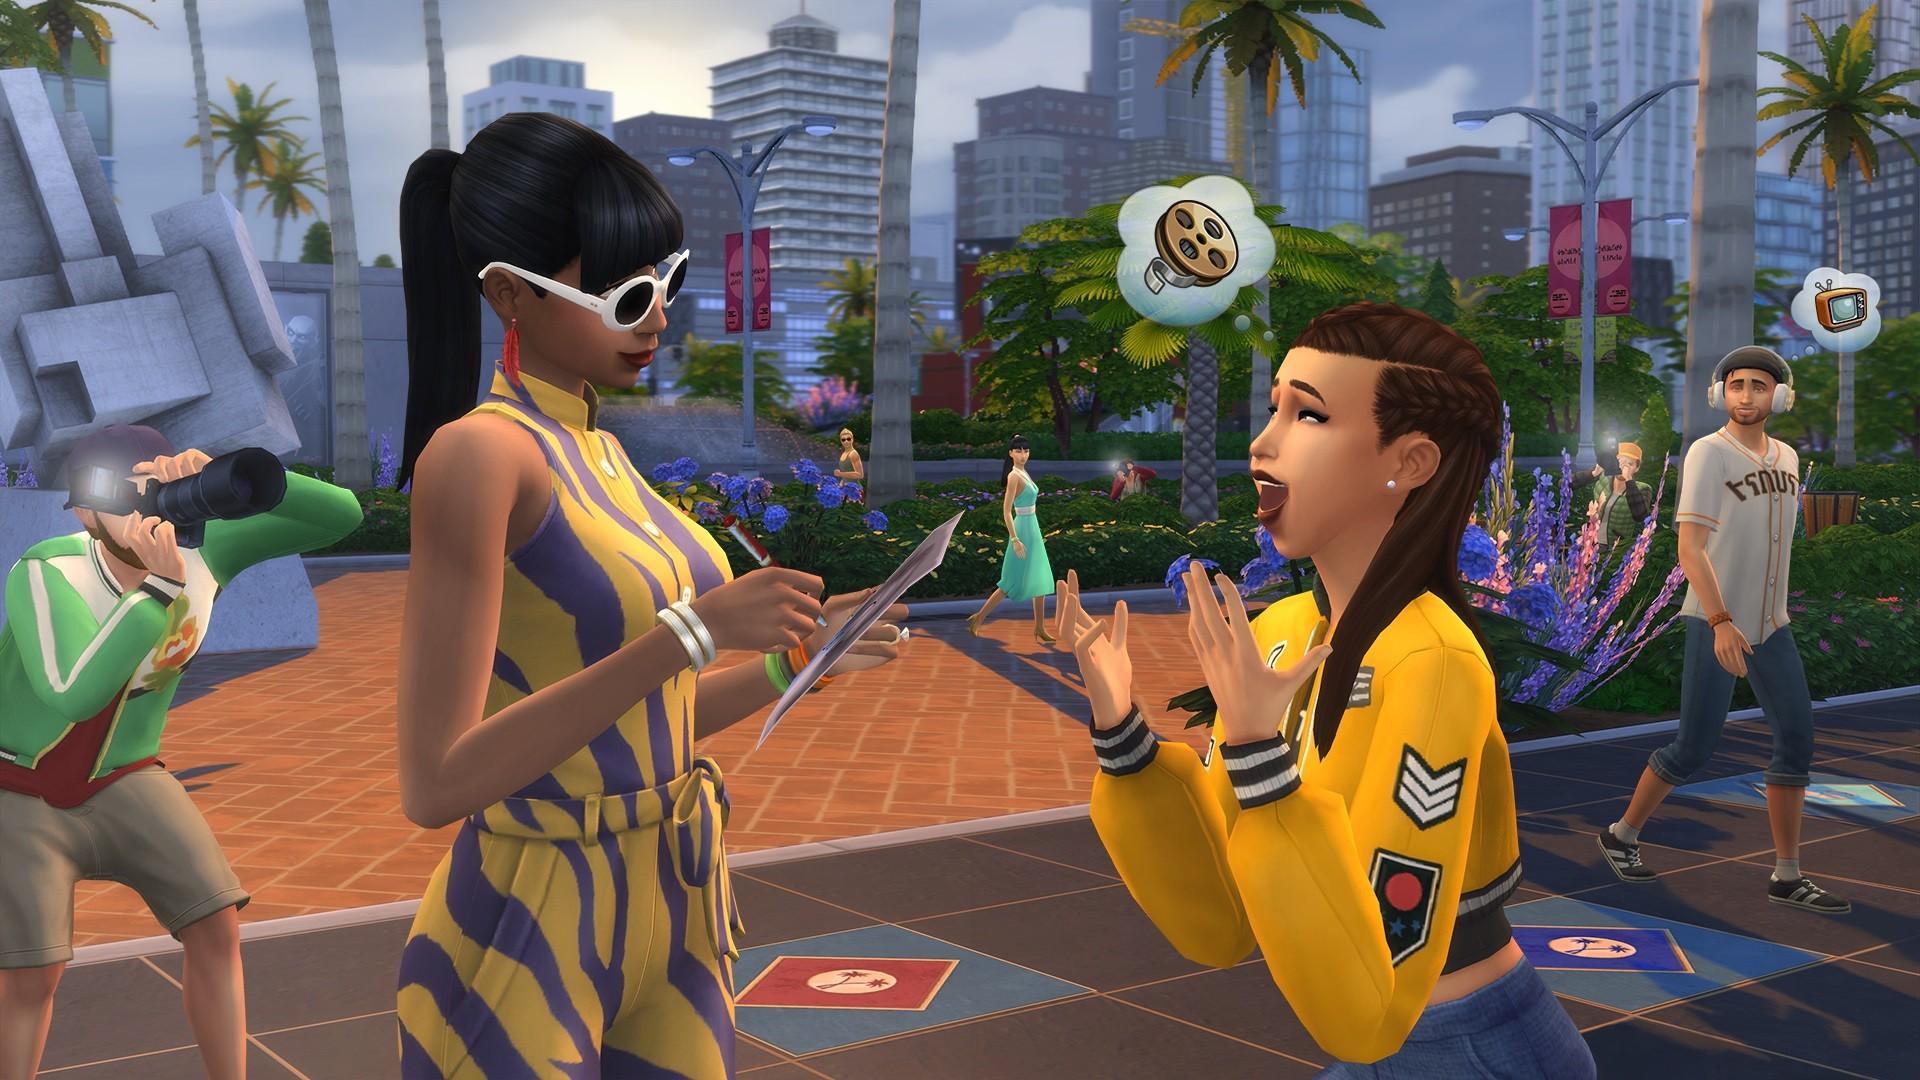 Nový update pro The Sims 4 přidává spoustu obsahu